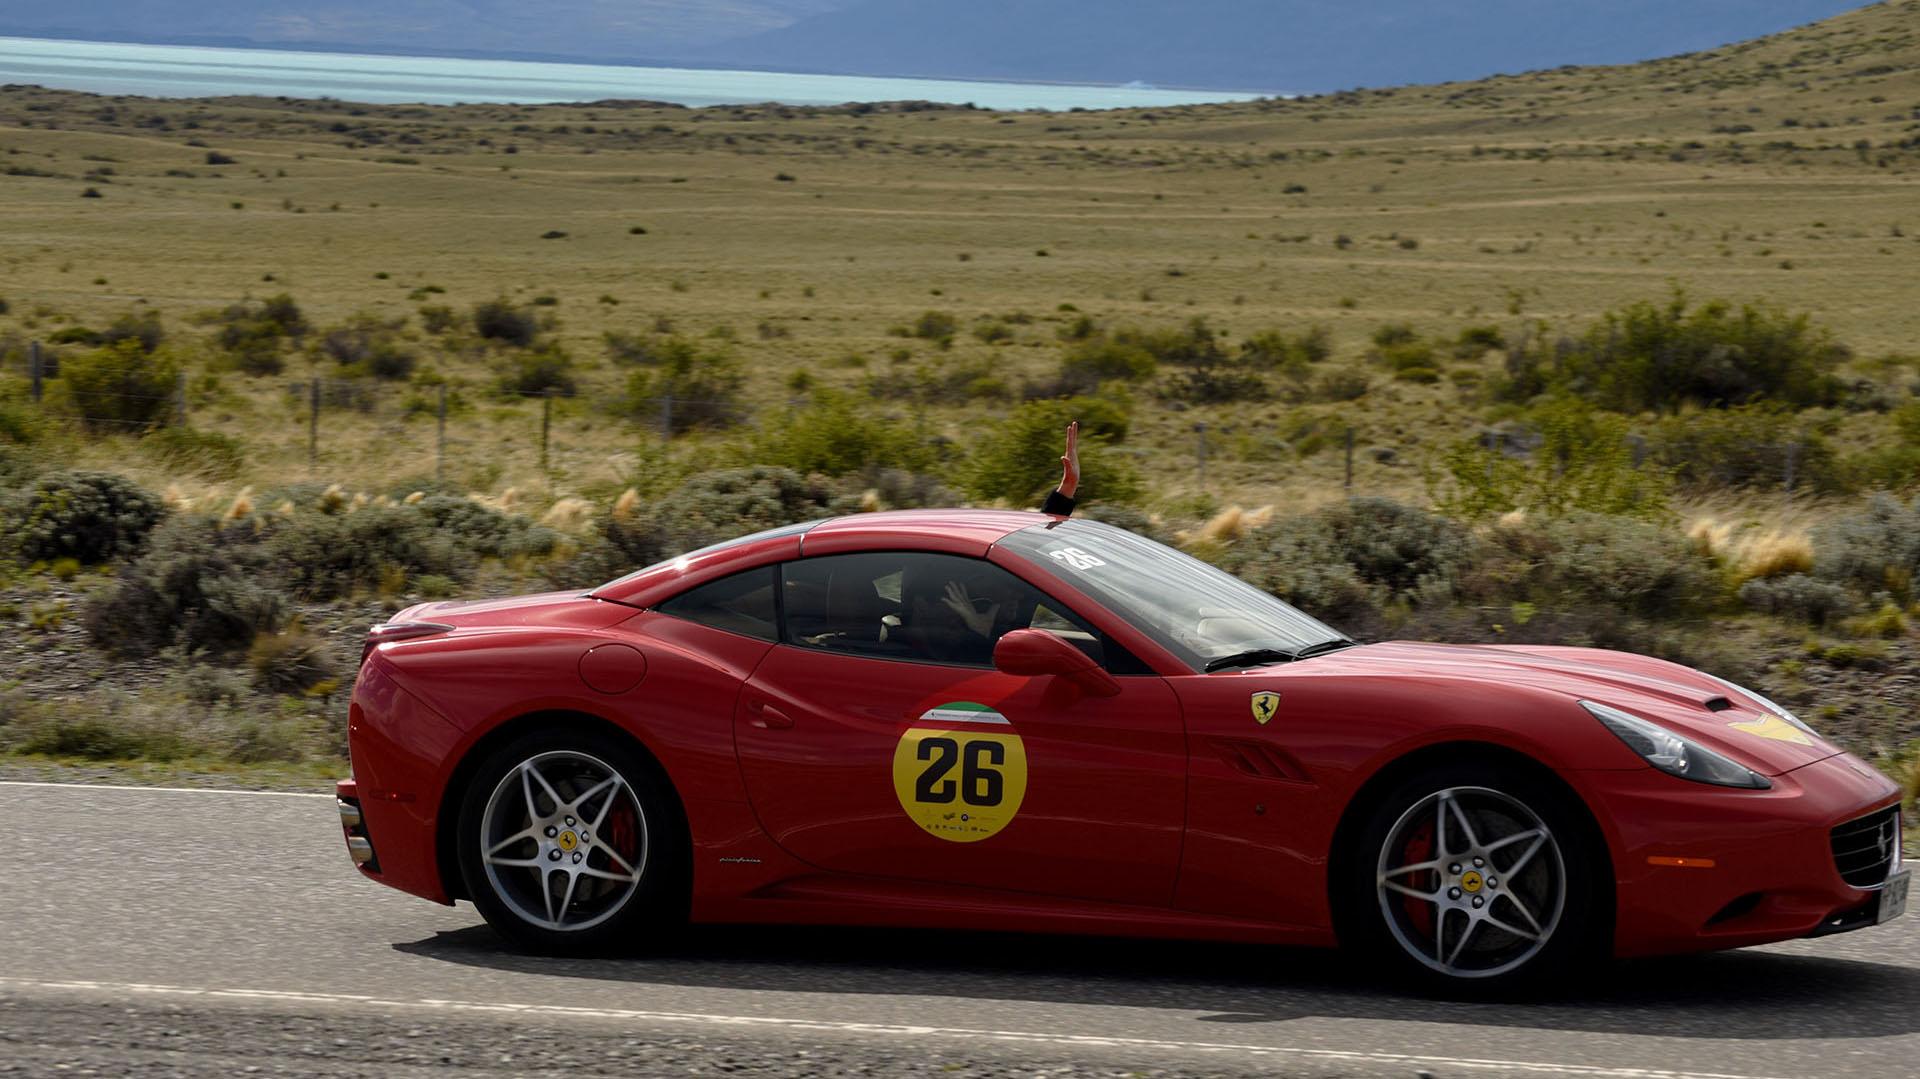 """Ferrari California, un exponente. Presentado en el Salón del Automóvil de París de 2008, fue diseñado por la empresa de diseño italiana Pininfarina y es calificado por la propia marca como un automóvil """"deportivo, elegante y versátil que representa la combinación perfecta de innovación, tecnología y diseño"""""""